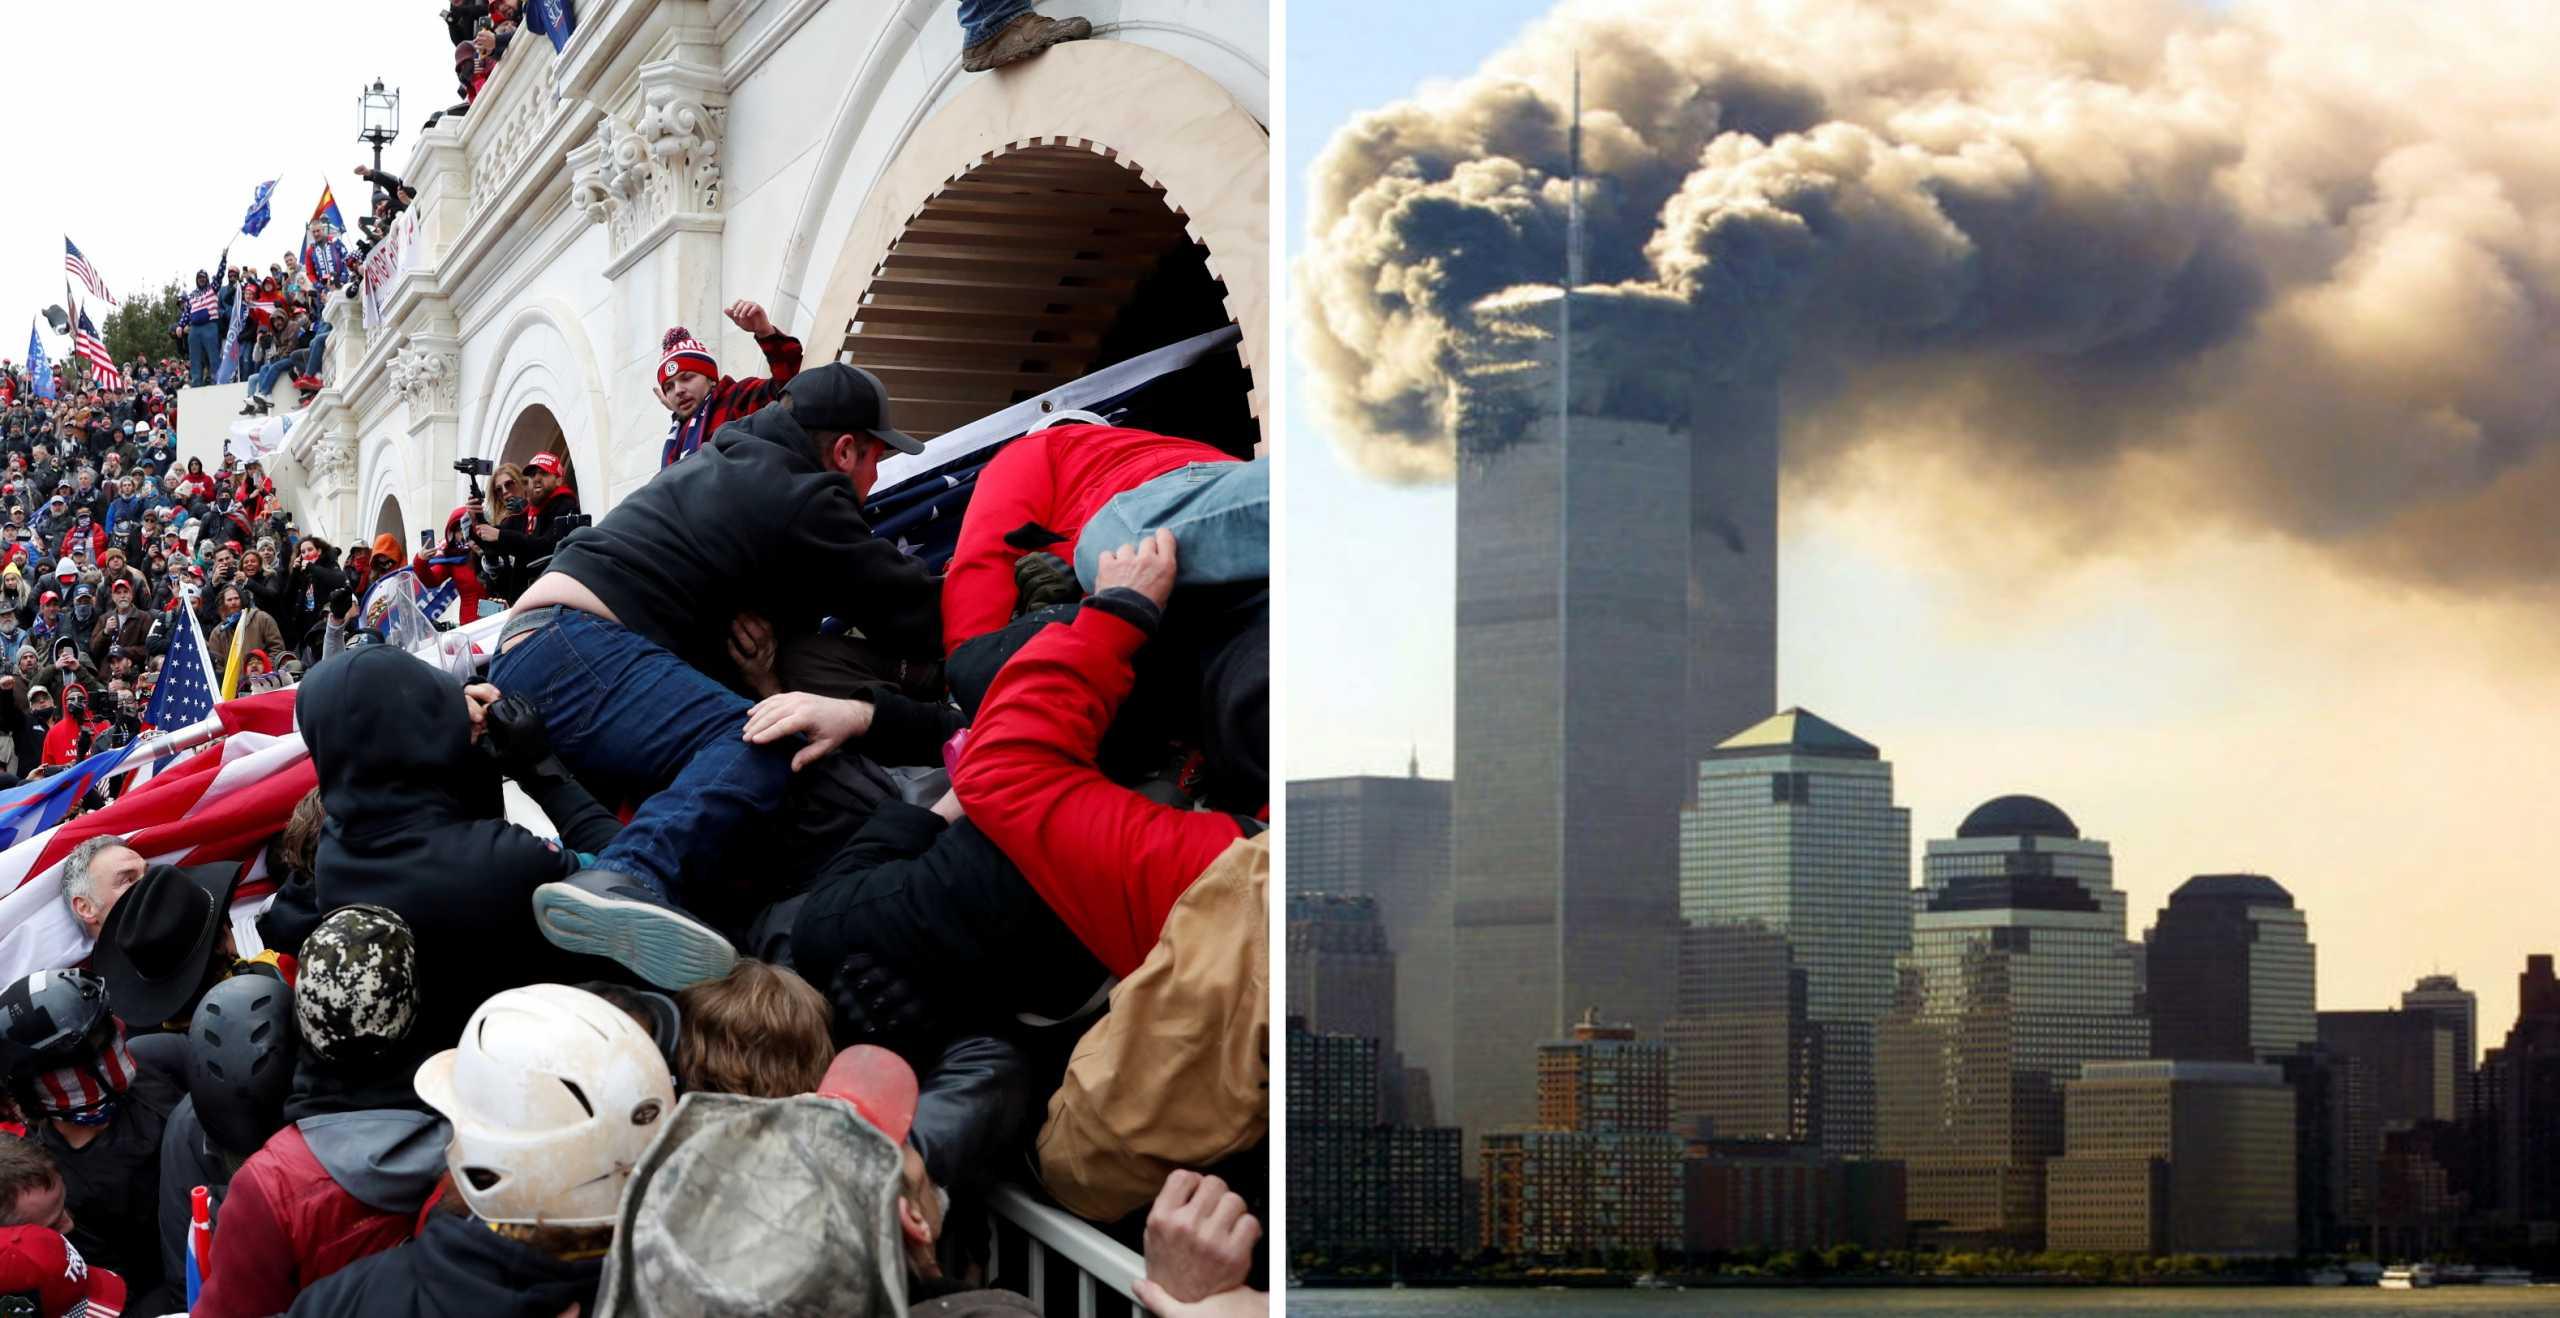 Εισβολή στο Καπιτώλιο όπως 11η Σεπτεμβρίου: Ο παραλληλισμός επιτρόπου της ΕΕ που εκπλήσσει